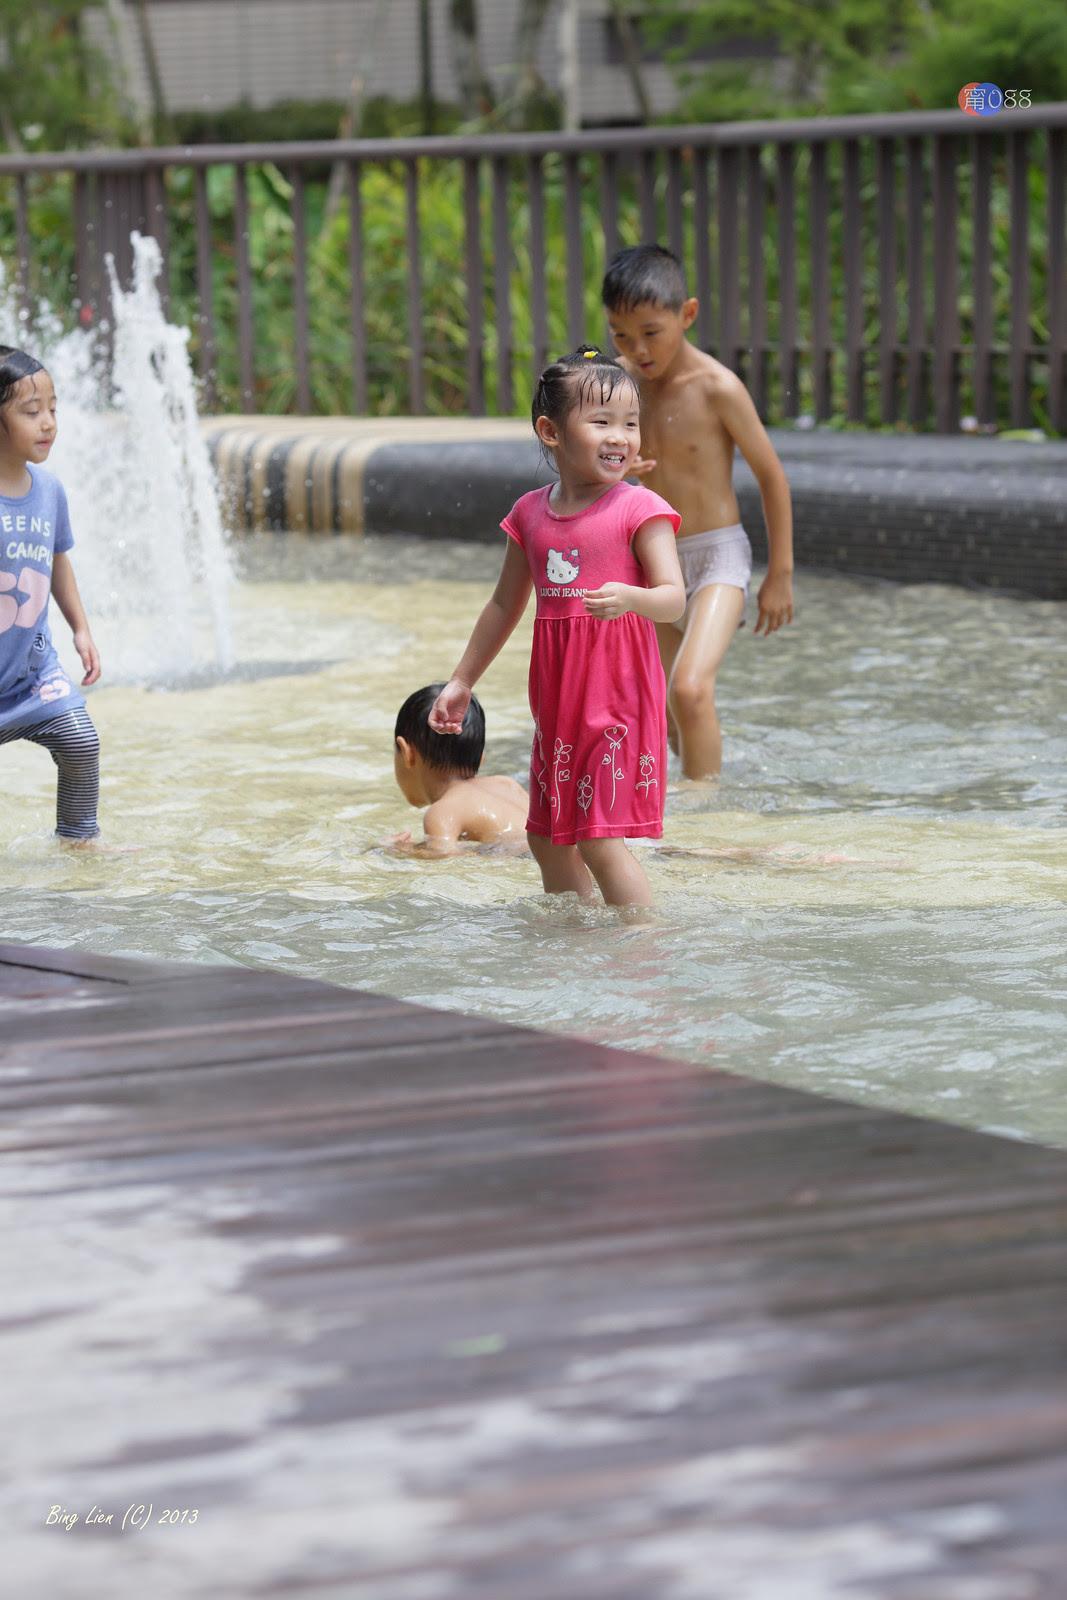 WATER_BING3663V2